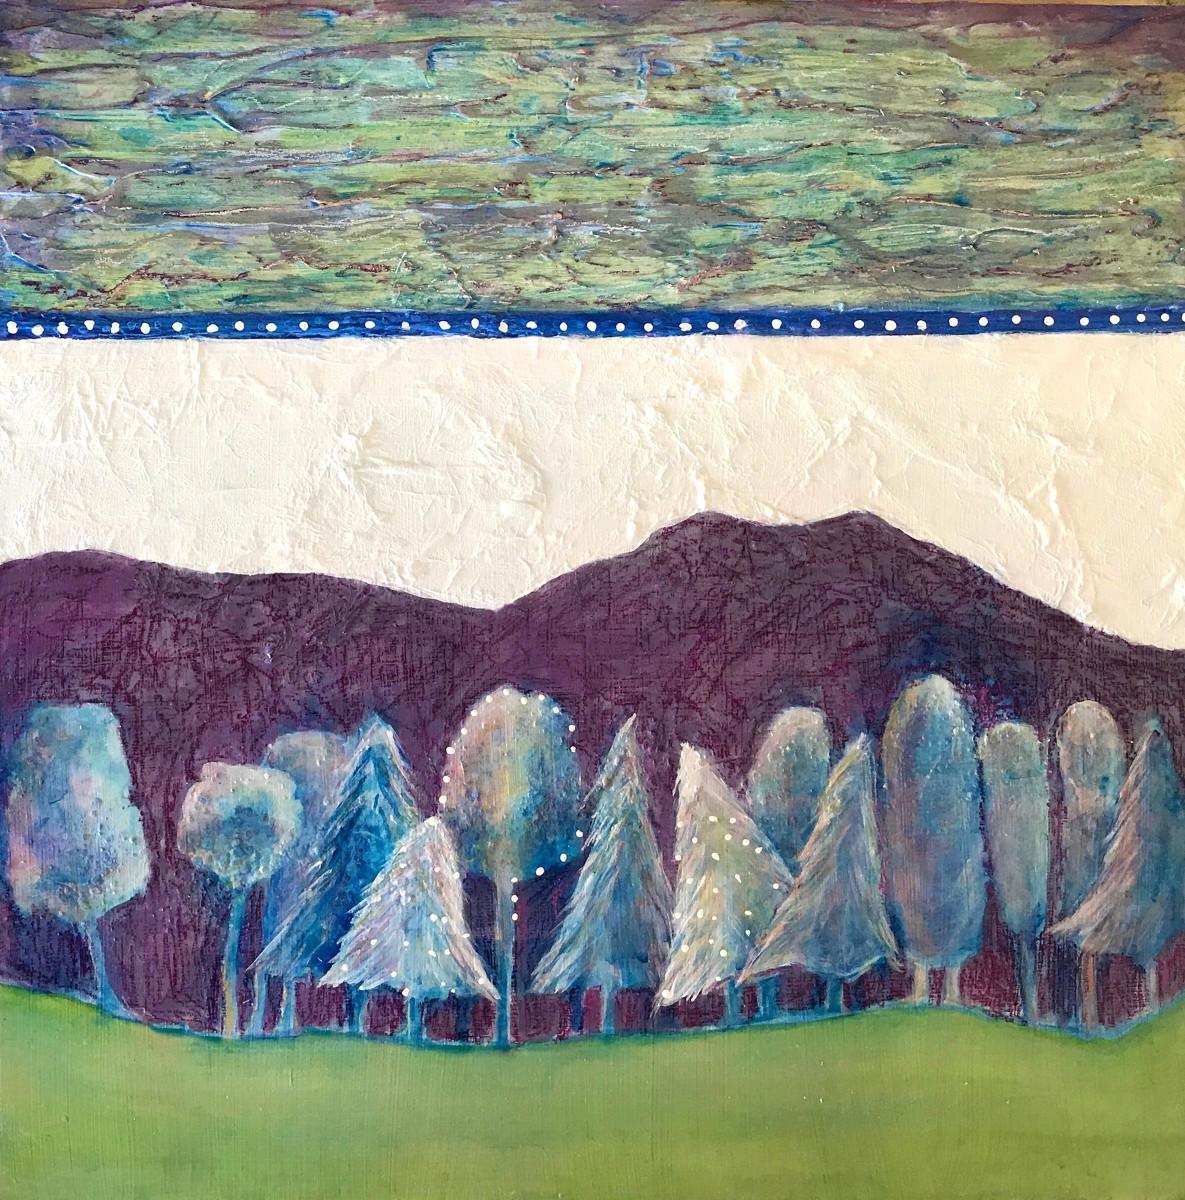 Curtain Call by Mari O'Brien